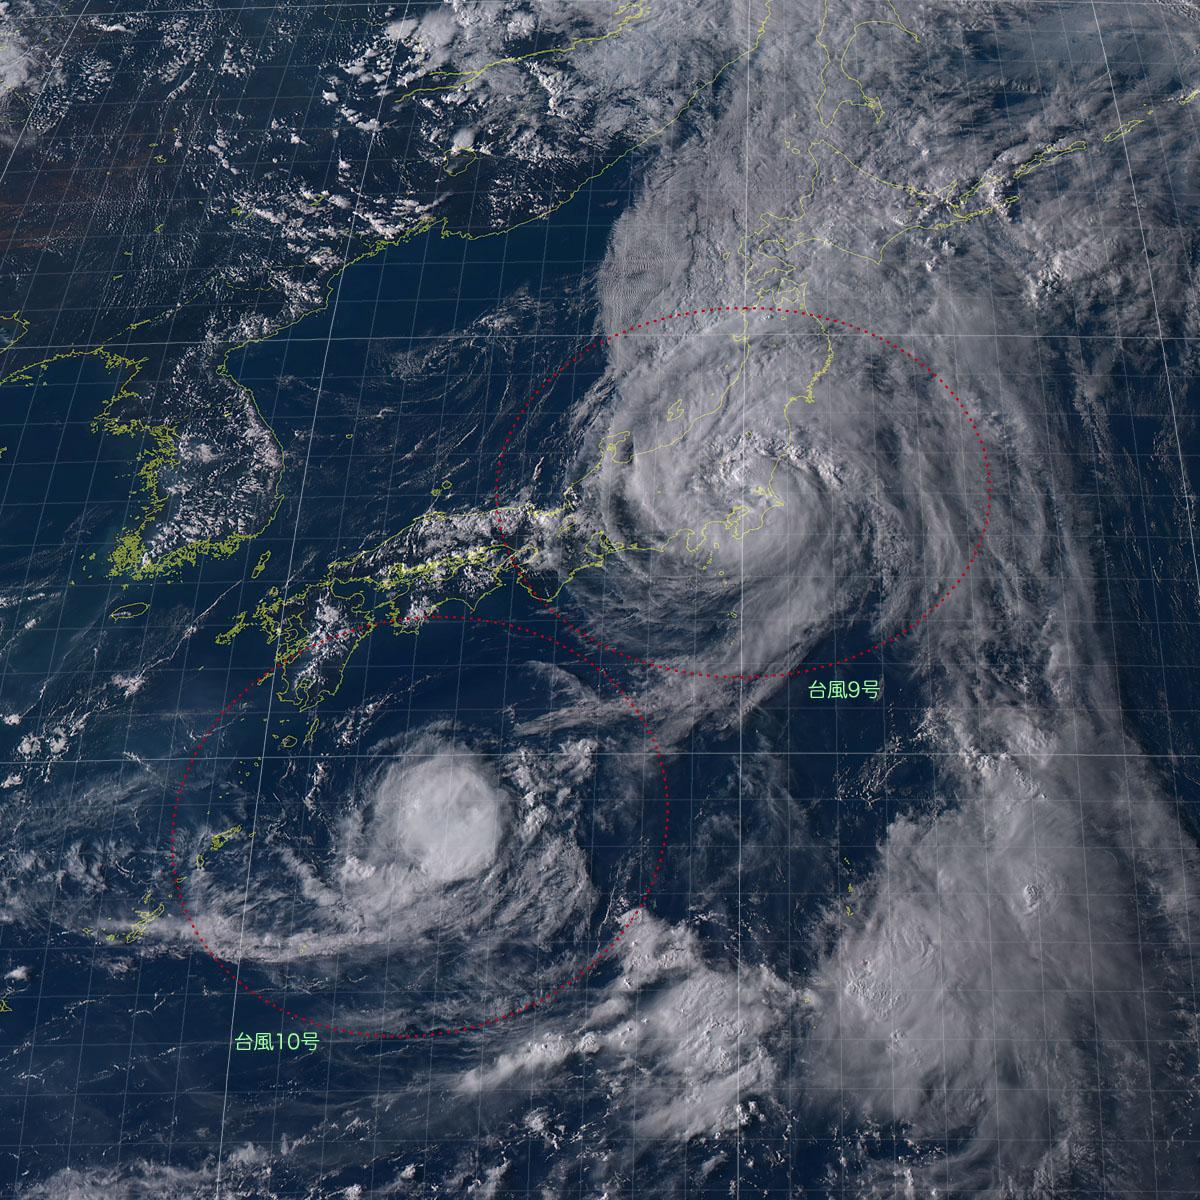 20160822-1600気象衛星画像